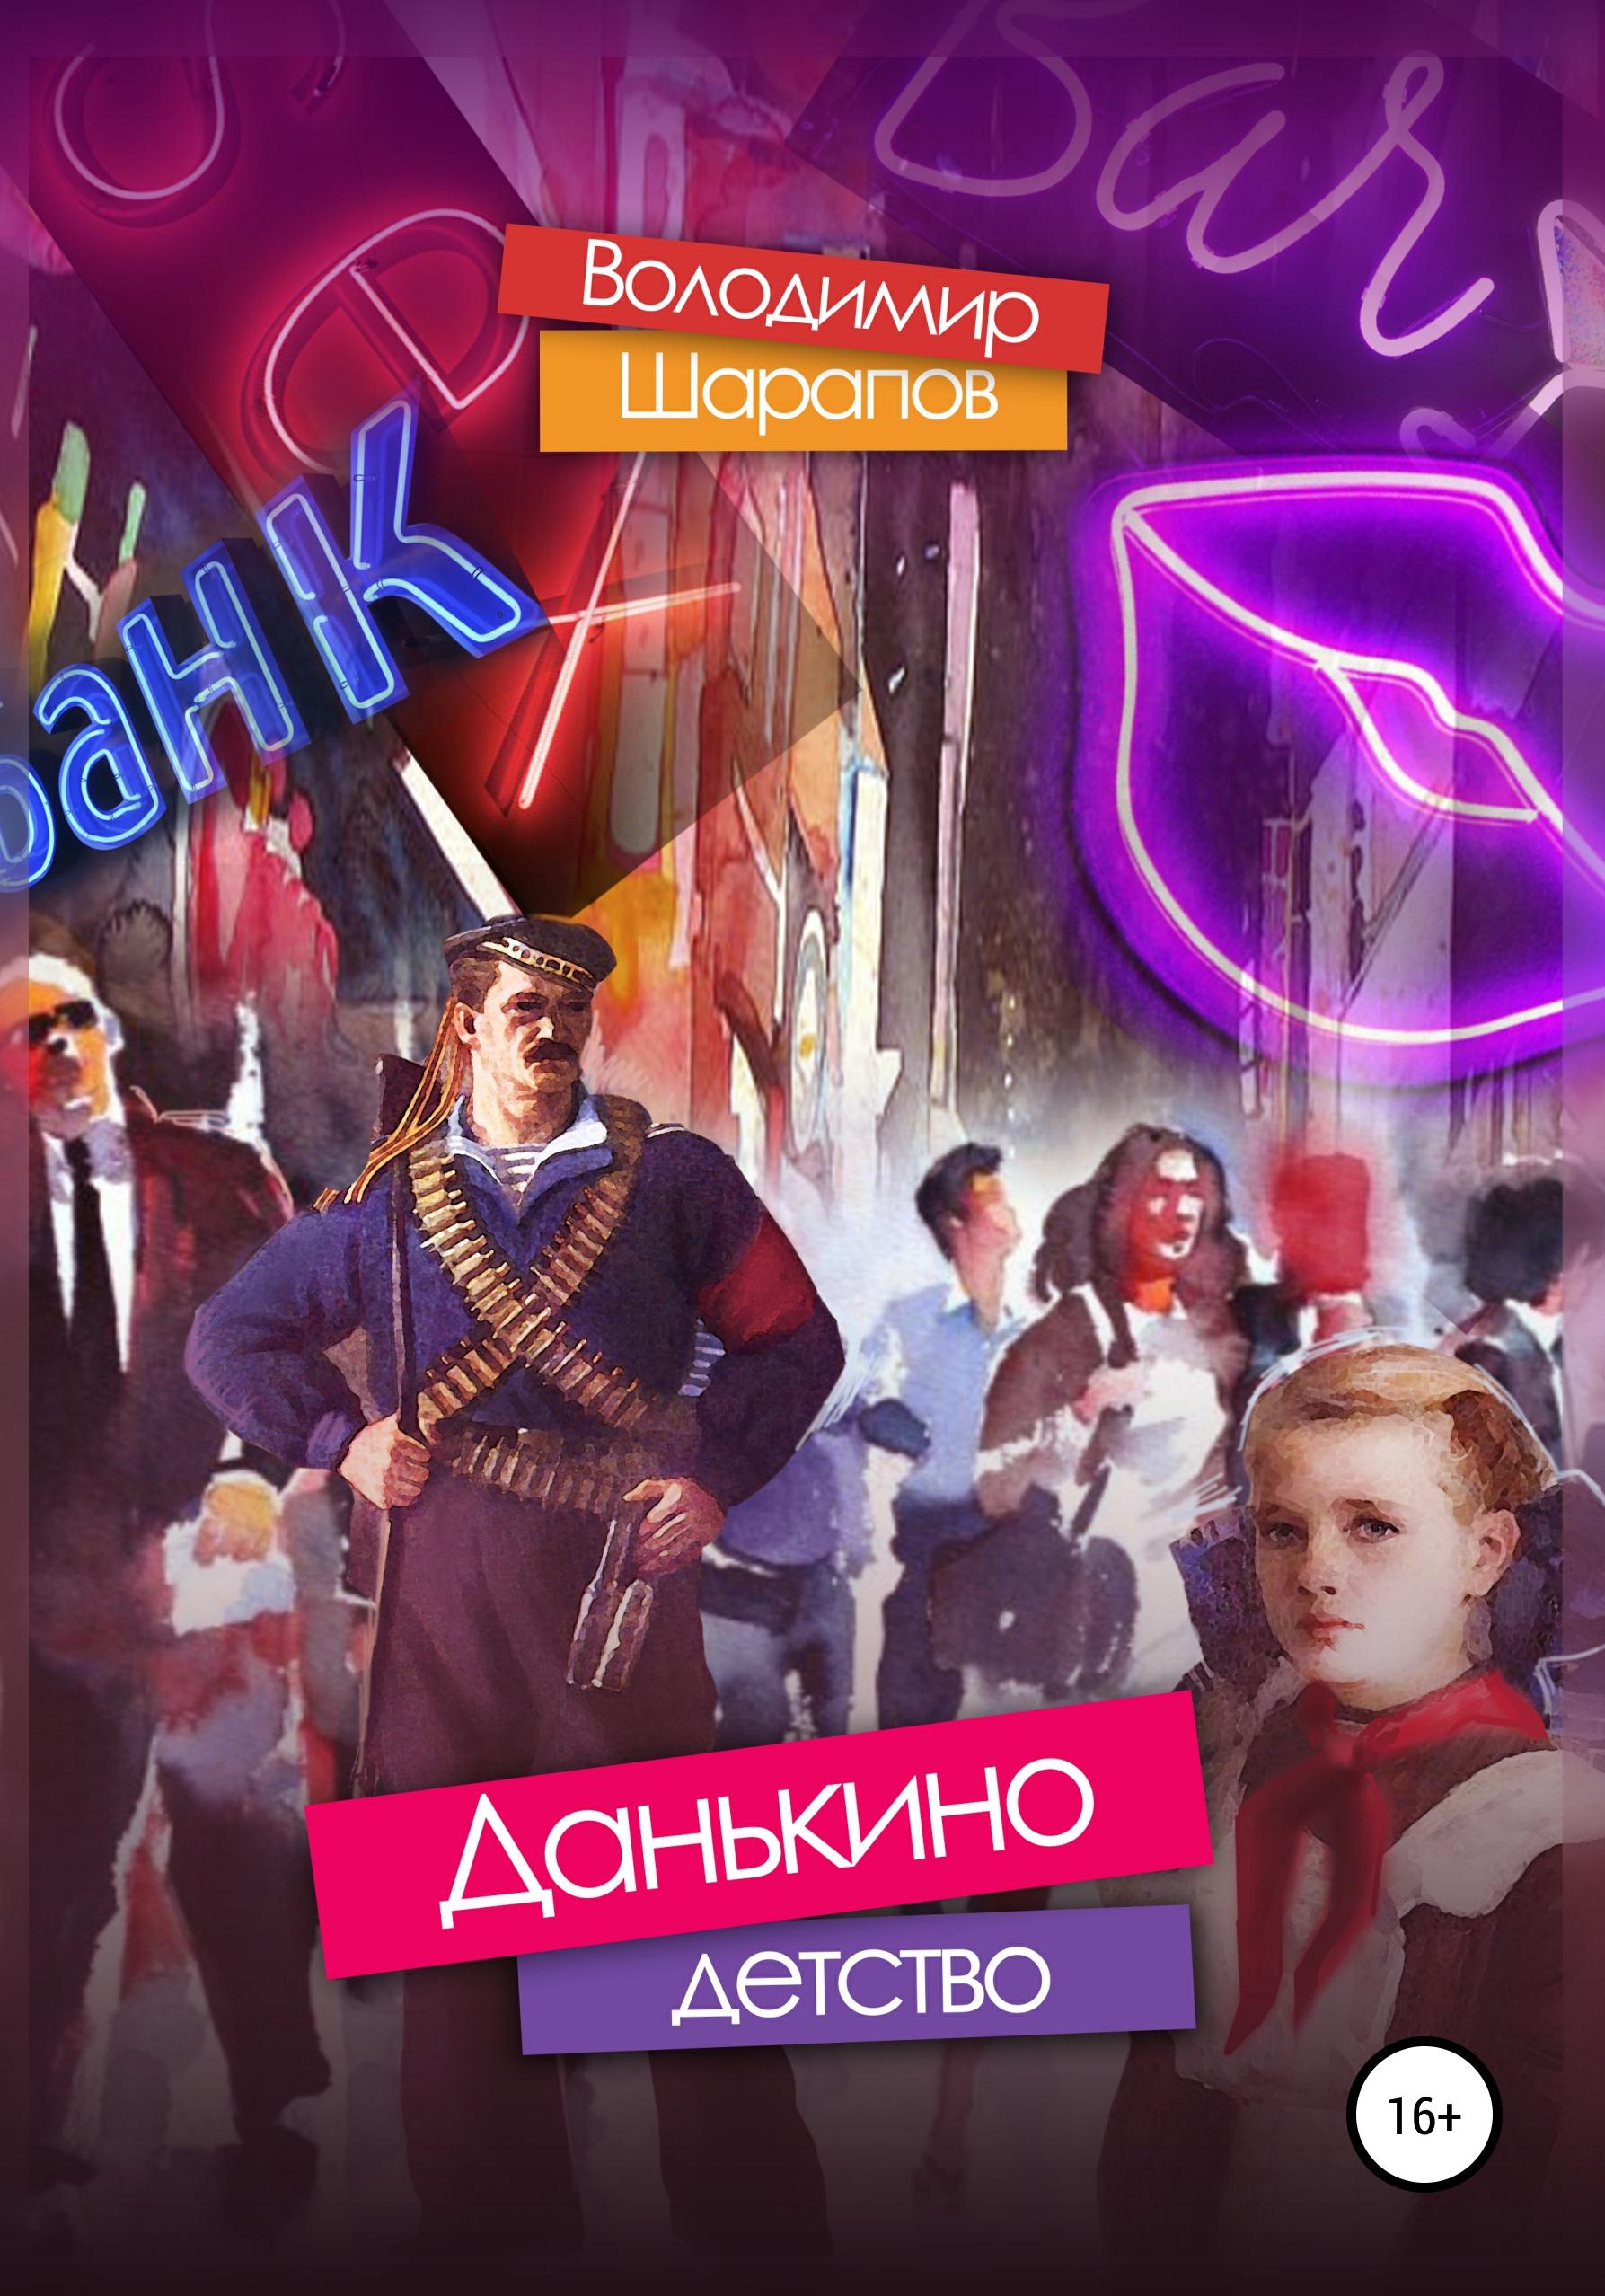 Володимир Шарапов Данькино детство арбитман роман эмильевич поединок крысы с мечтой о книгах людях и около того